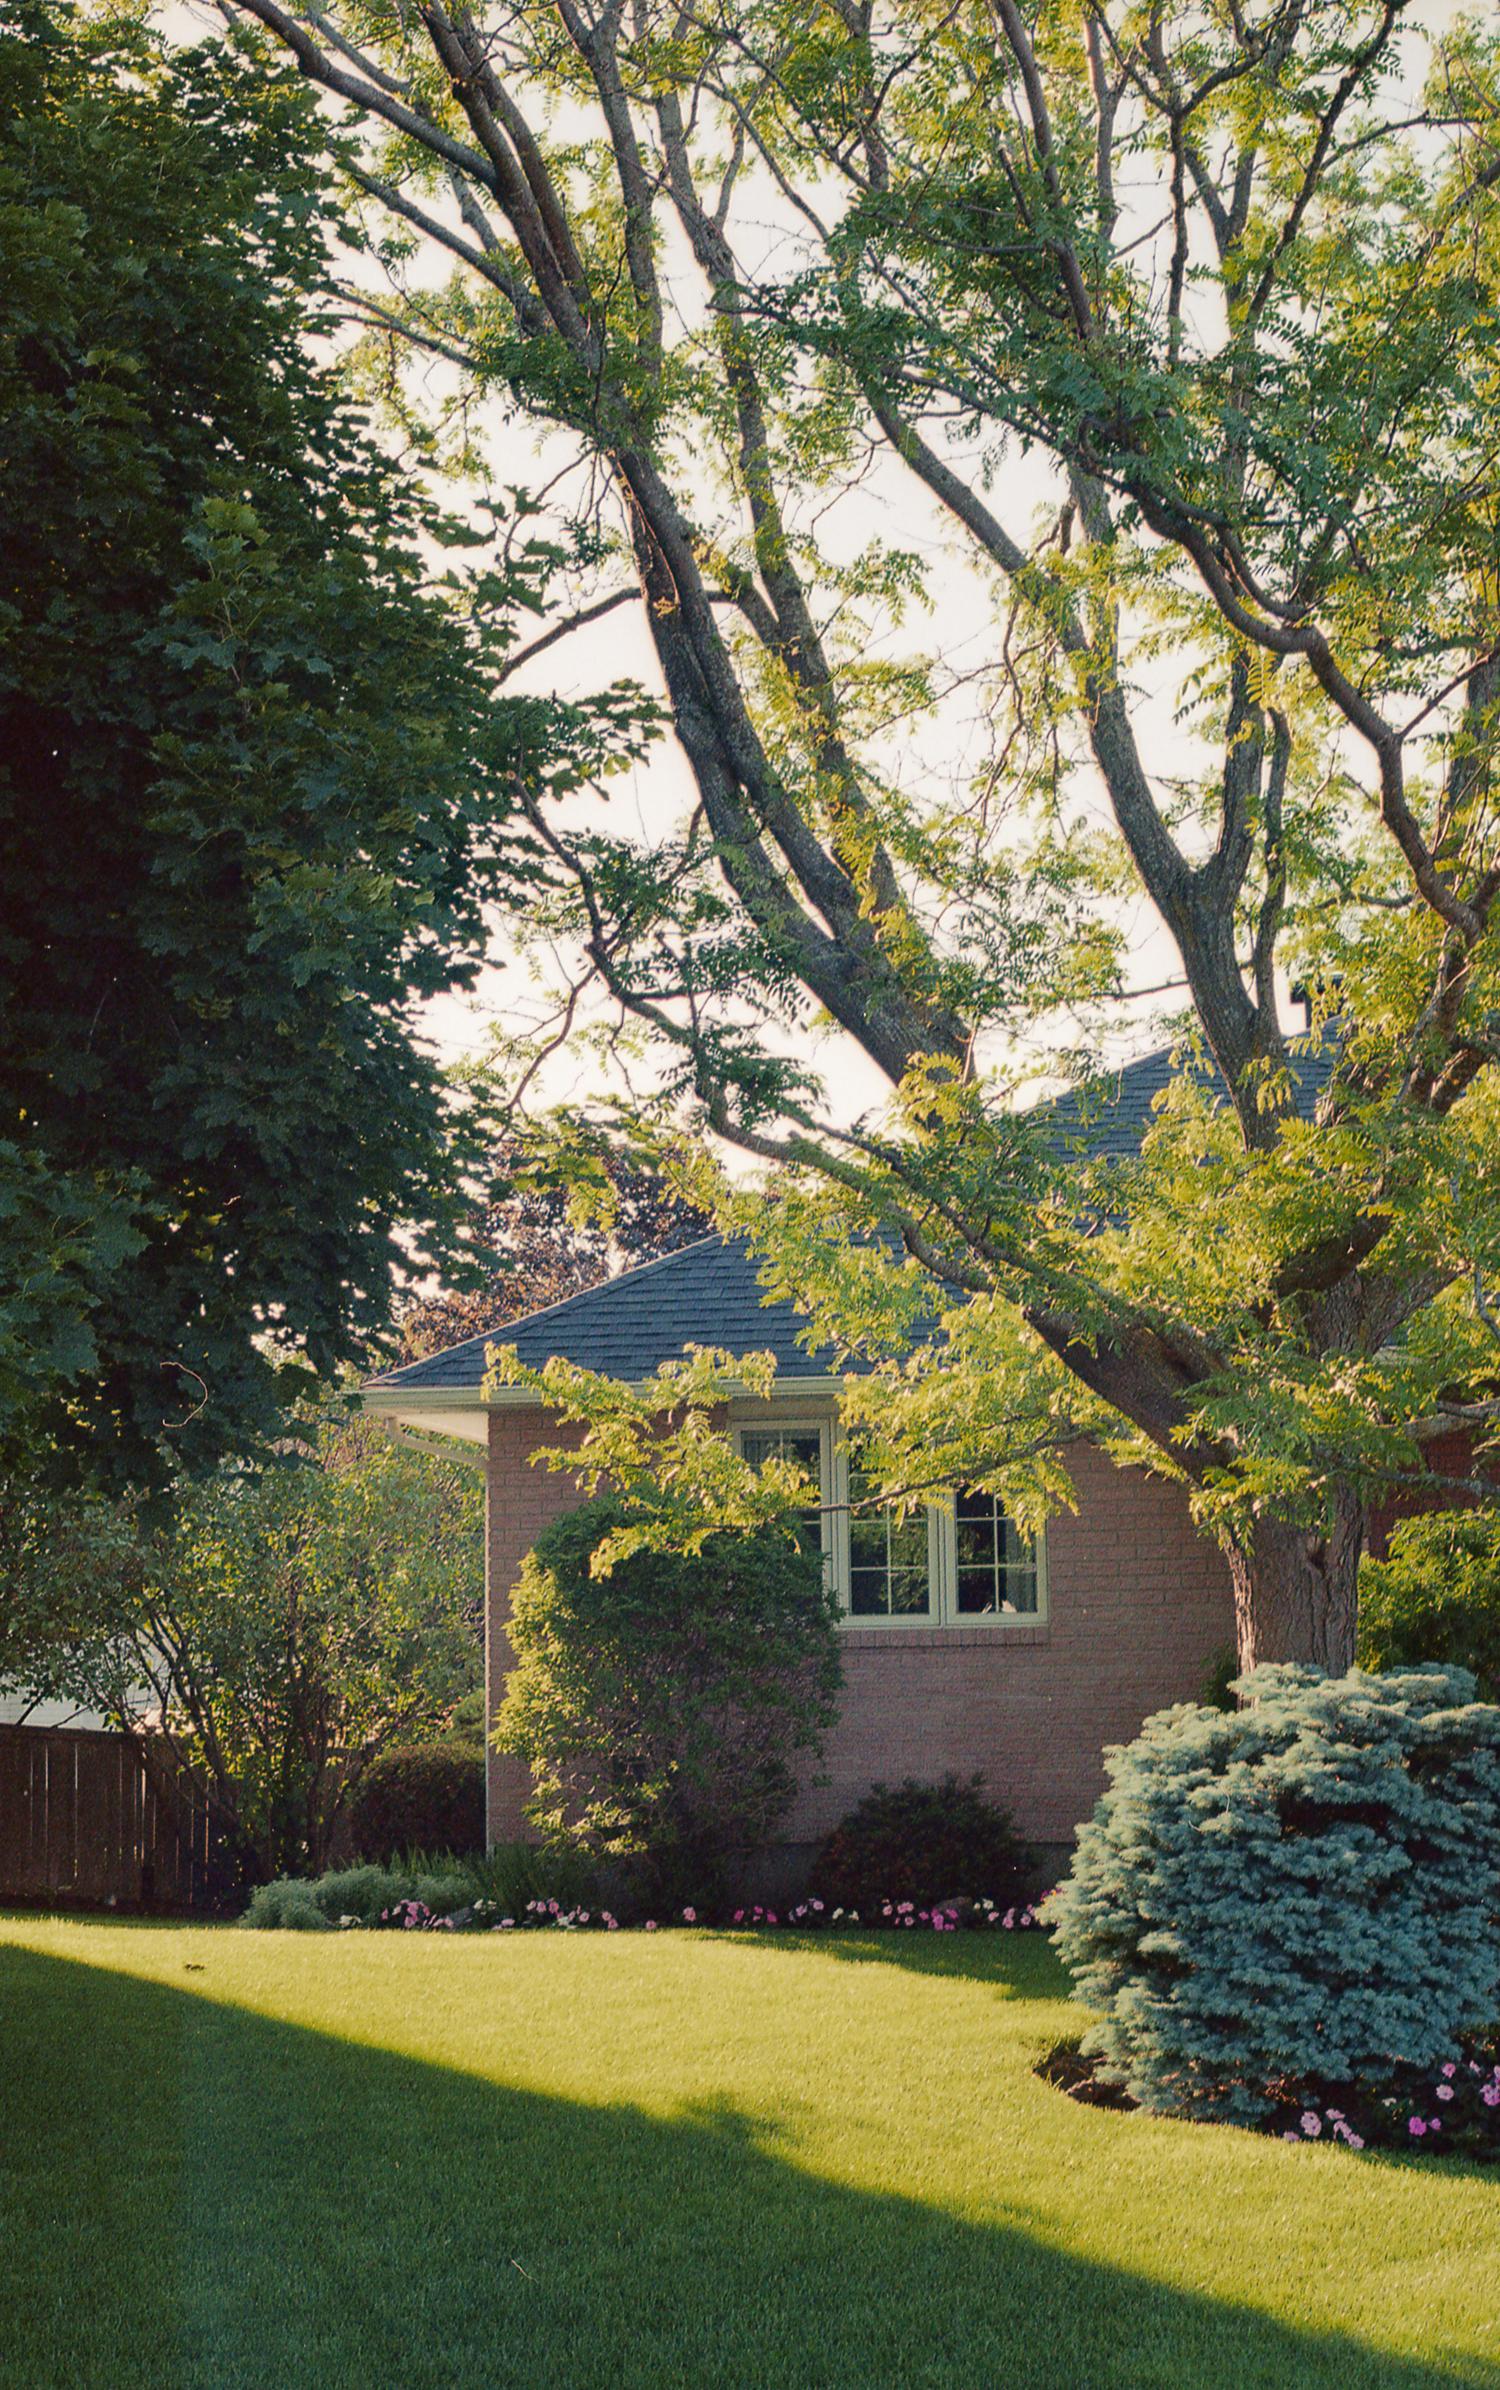 Schofield-Ashton-Nature-Suburbia-15.jpg